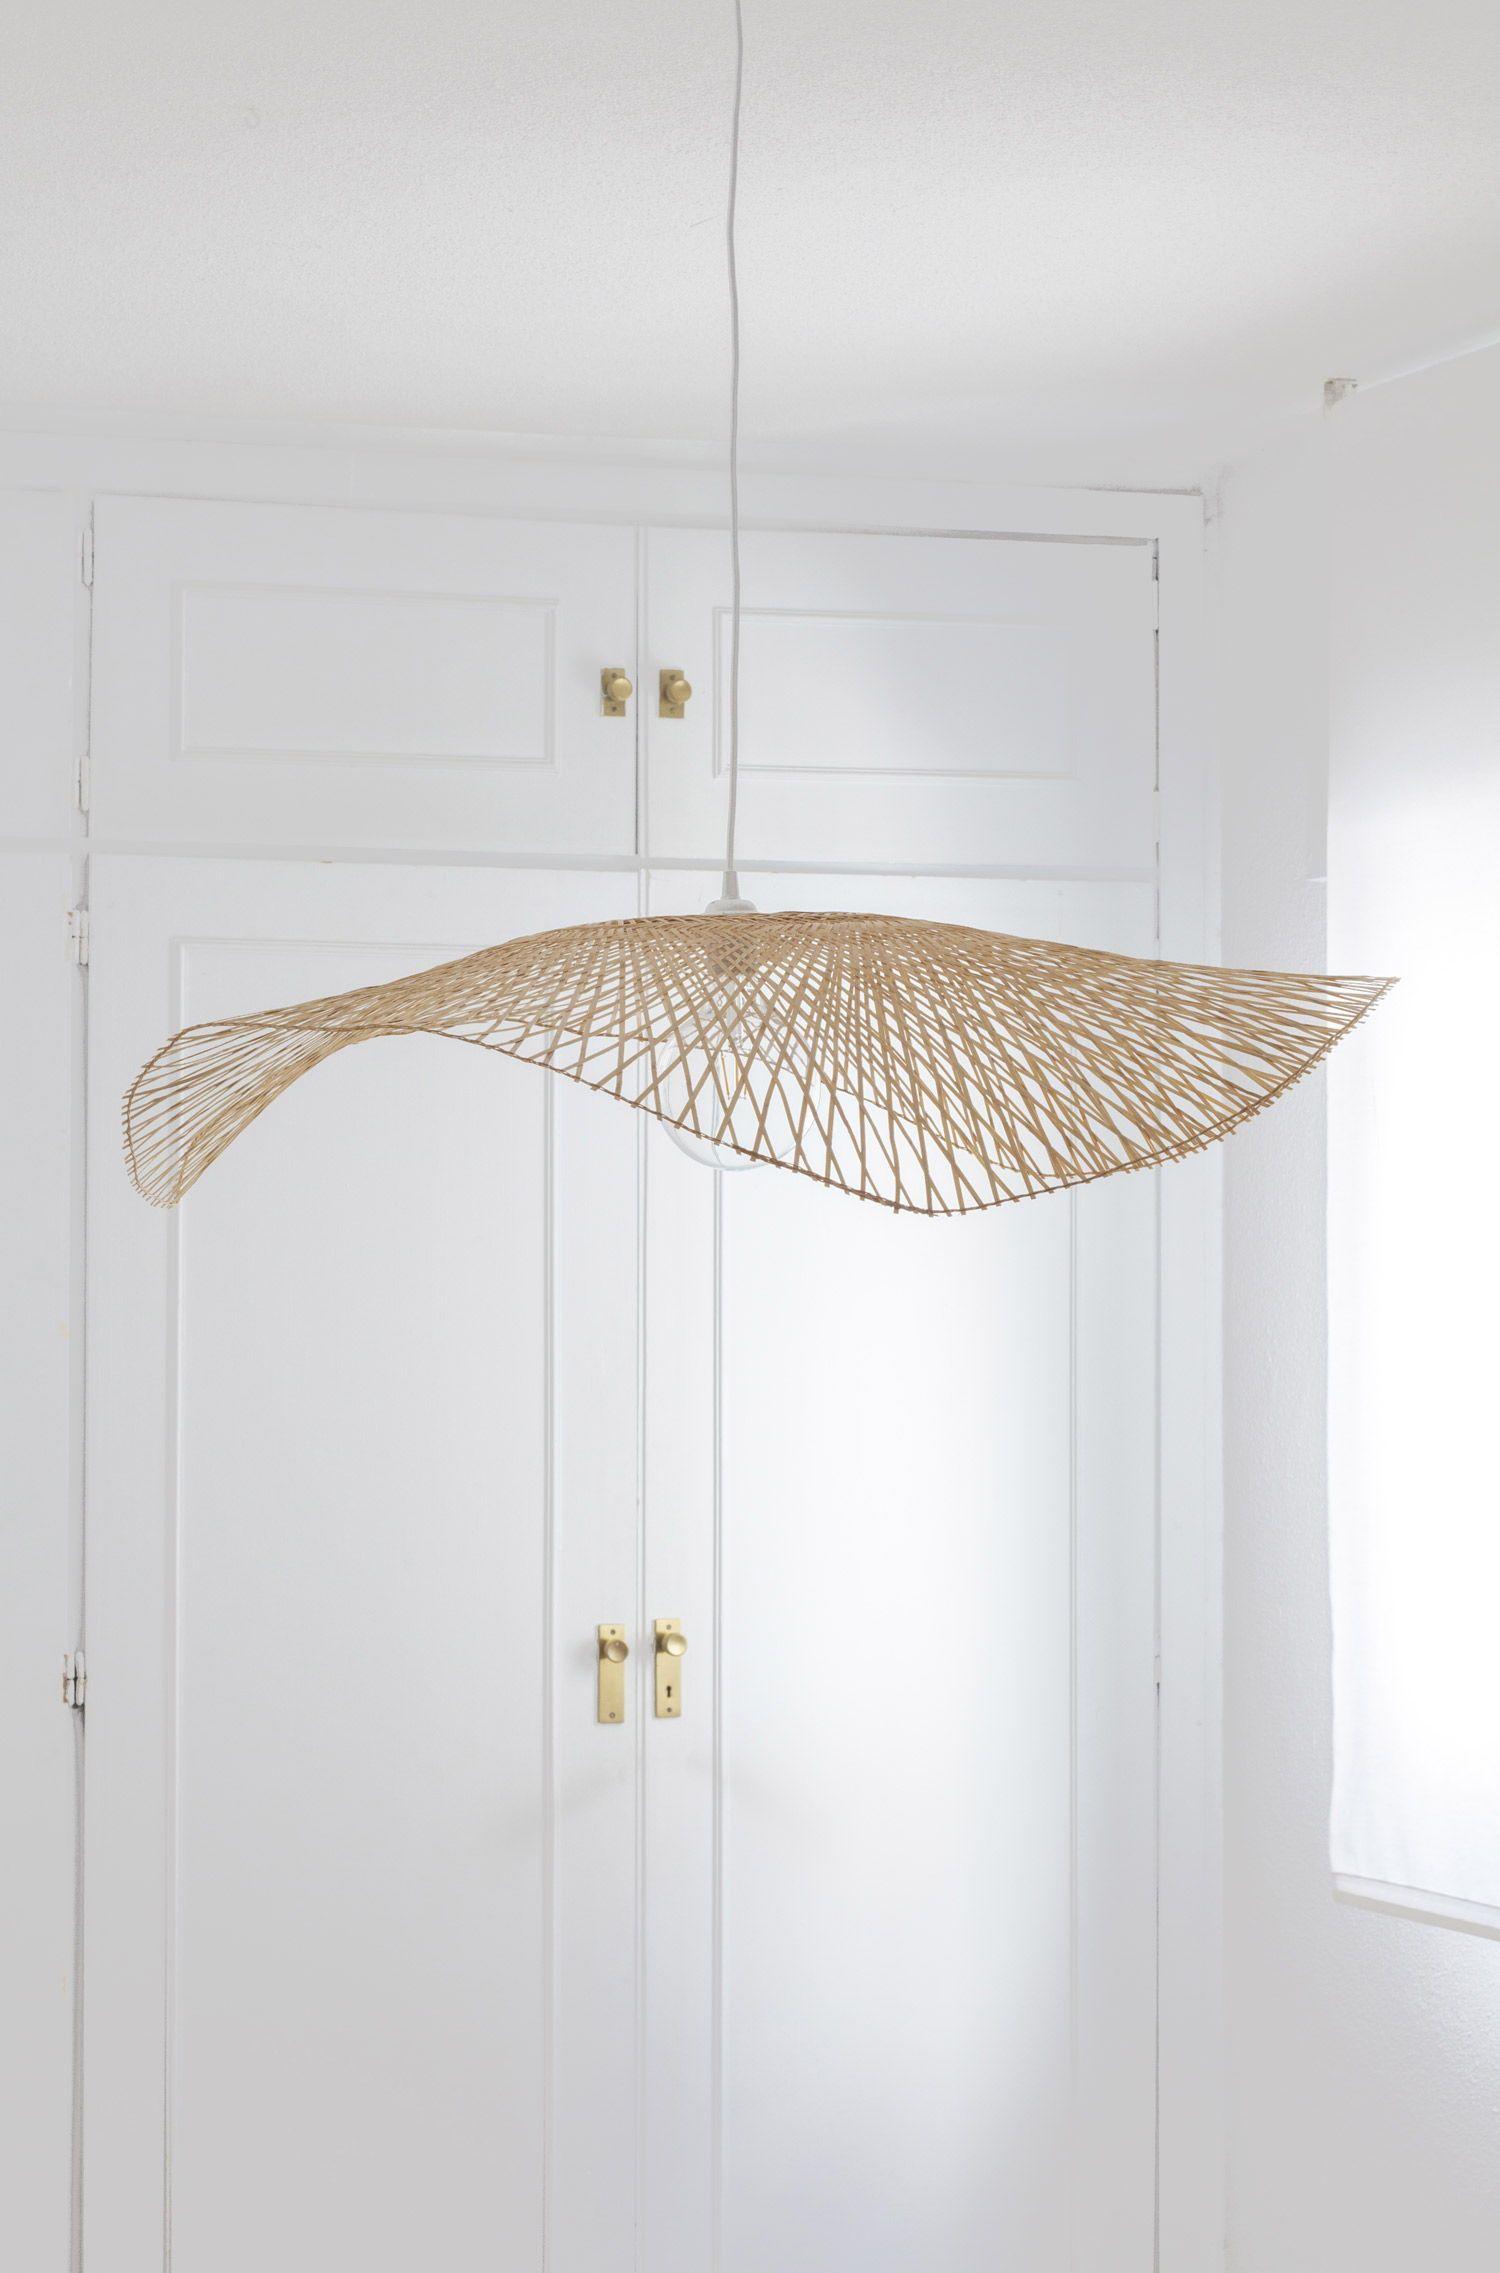 Pantalla Para Lampara De Techo De Bambu Flyga Lamparas De Techo Techo De Bambu Pantallas De Lamparas De Techo